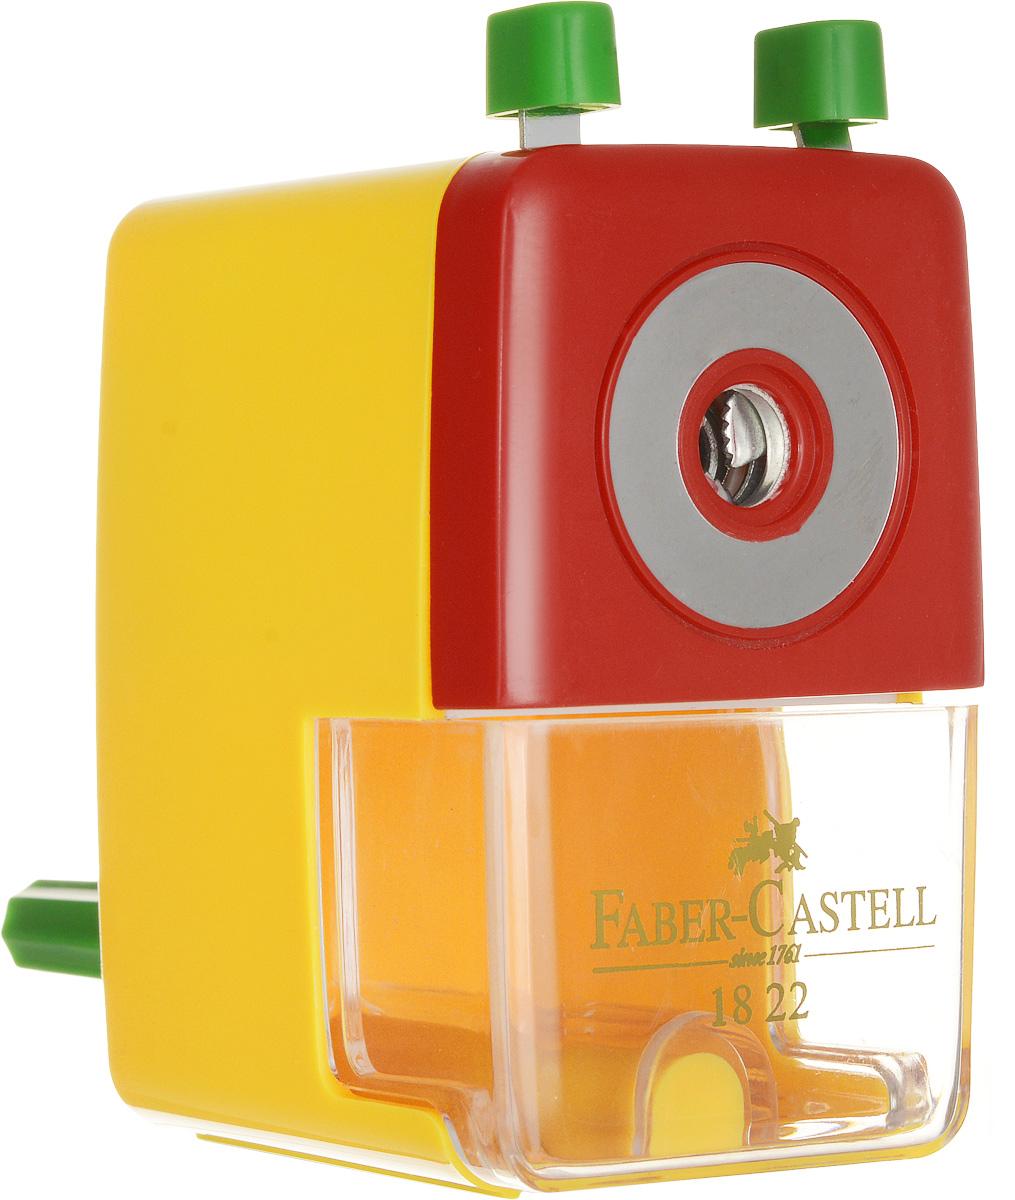 Faber-Castell Точилка настольная цвет желтый582200_желтыйТочилка Faber-Castell - удобный и практичный инструмент в повседневной офисной работе.Точилка из высококачественного пластика оснащена рукояткой с механизмом кругового вращения и съемным контейнером для стружки. Вращающийся, остро заточенный металлический нож точилки обеспечивает бережную и качественную заточку круглых, шестигранных и трехгранных карандашей.В комплекте с точилкой предусмотрено крепление к столу.